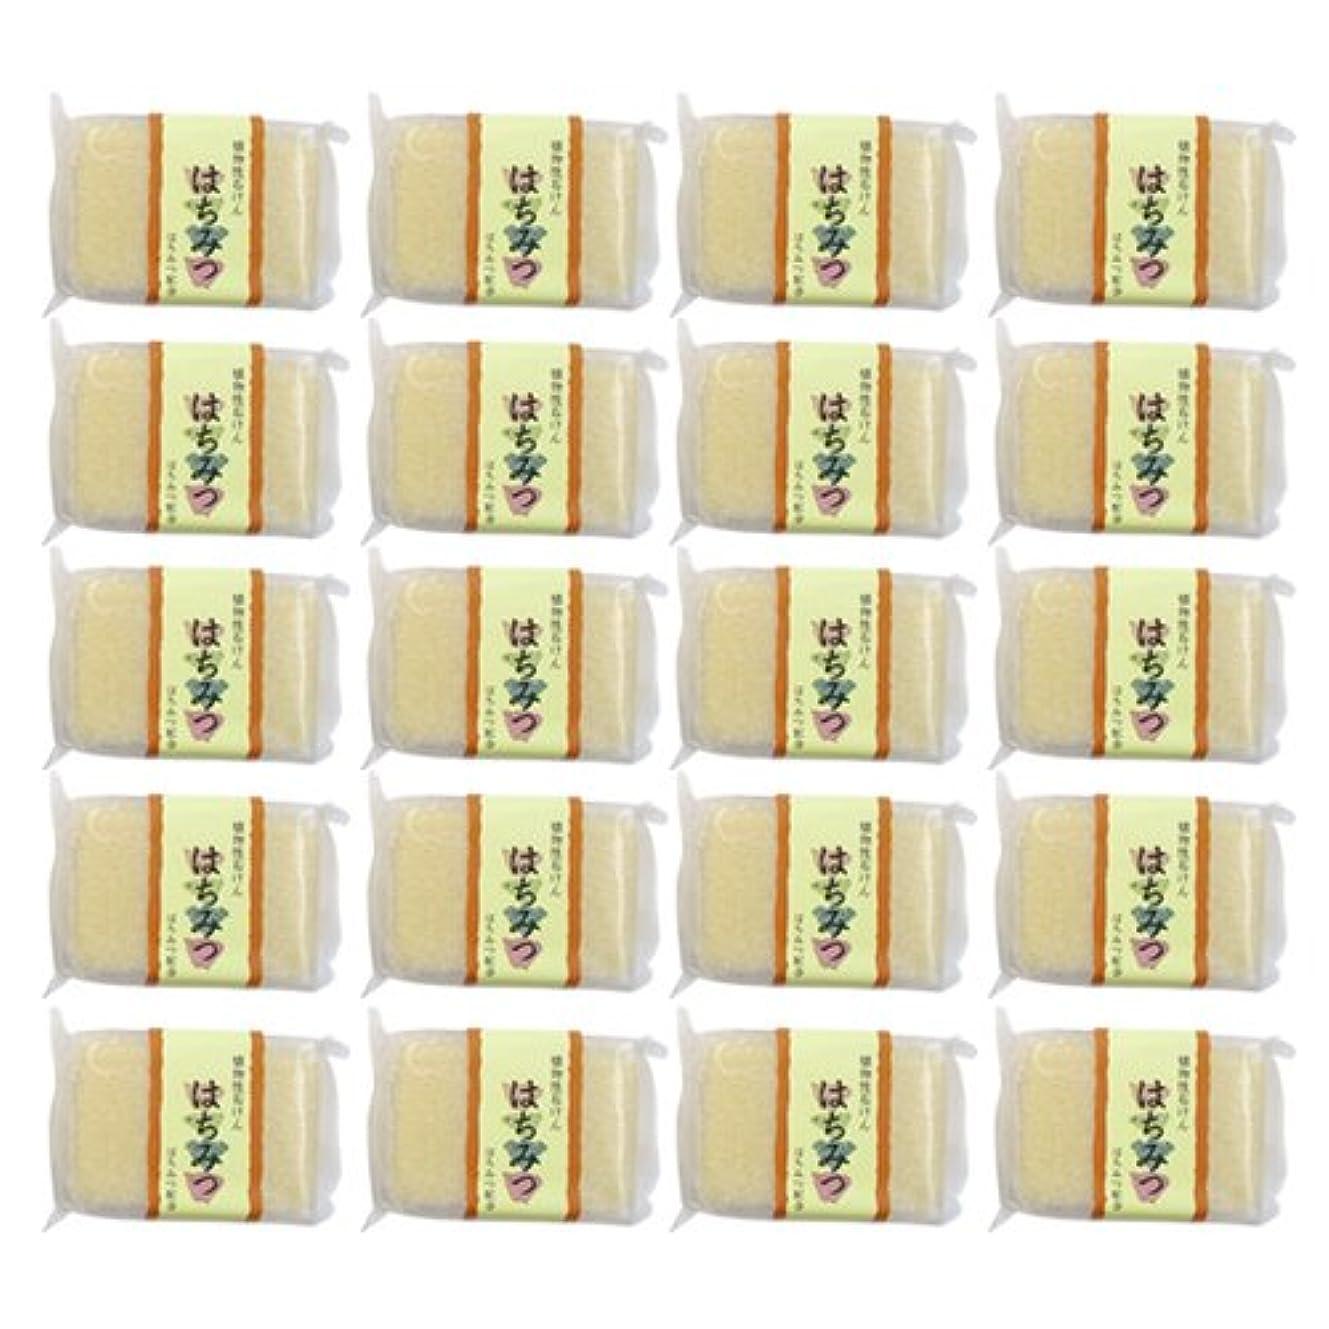 ピア学生スタジアム植物性ソープ 自然石けん はちみつ 80g×20個セット